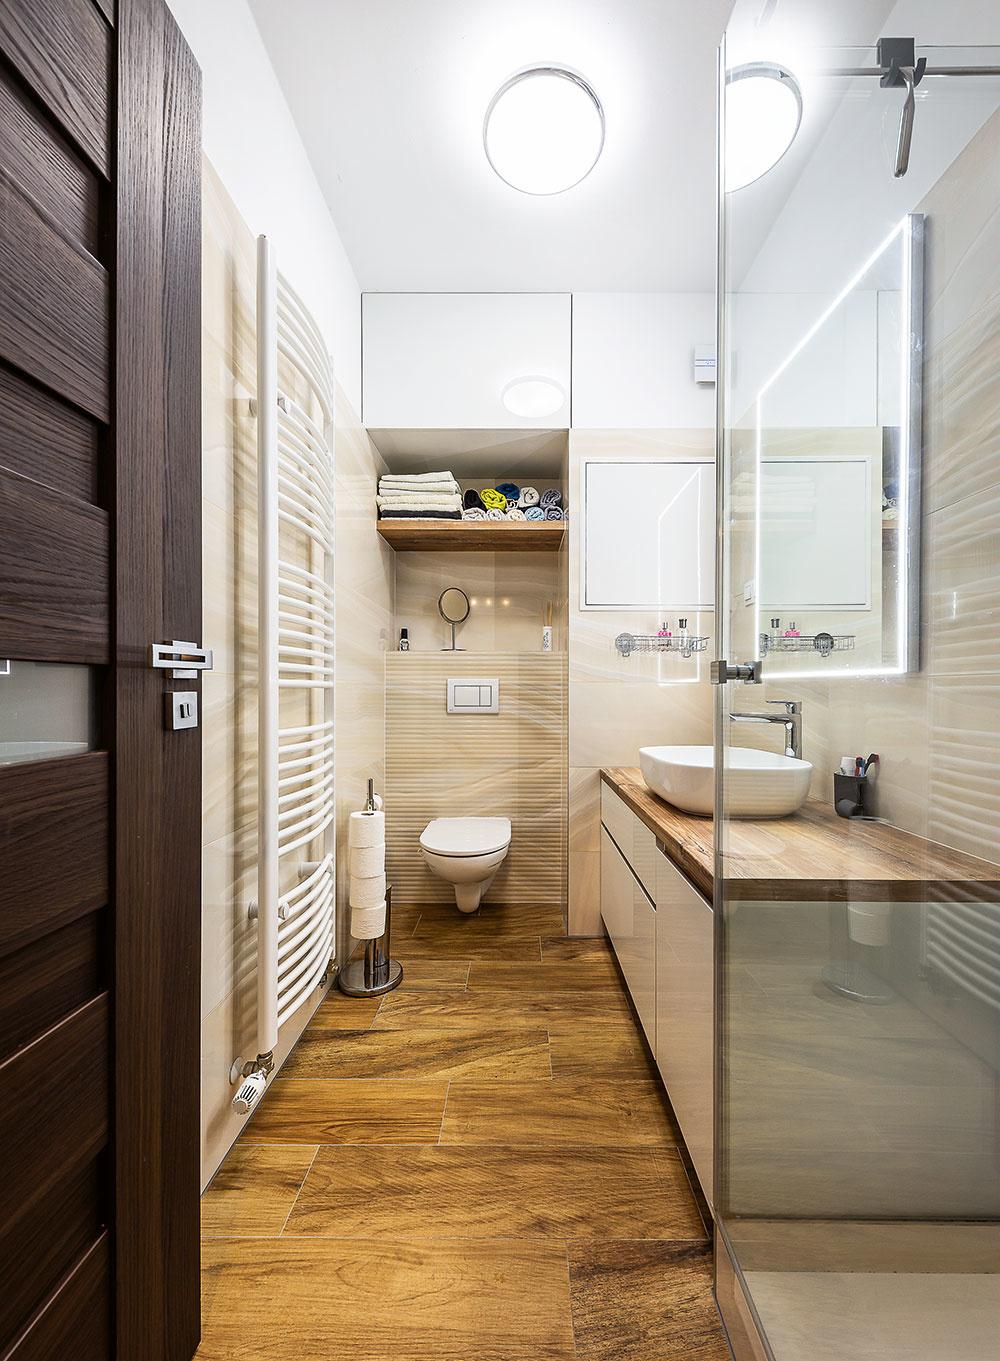 Kúpeľňa so svetlým obkladom ateplou drevenou podlahou pôsobí útulne anadčasovo. Ozvláštňuje ju zrkadlo so svetelným rámom, ktorý vytvára večer príjemnú intímnu atmosféru.